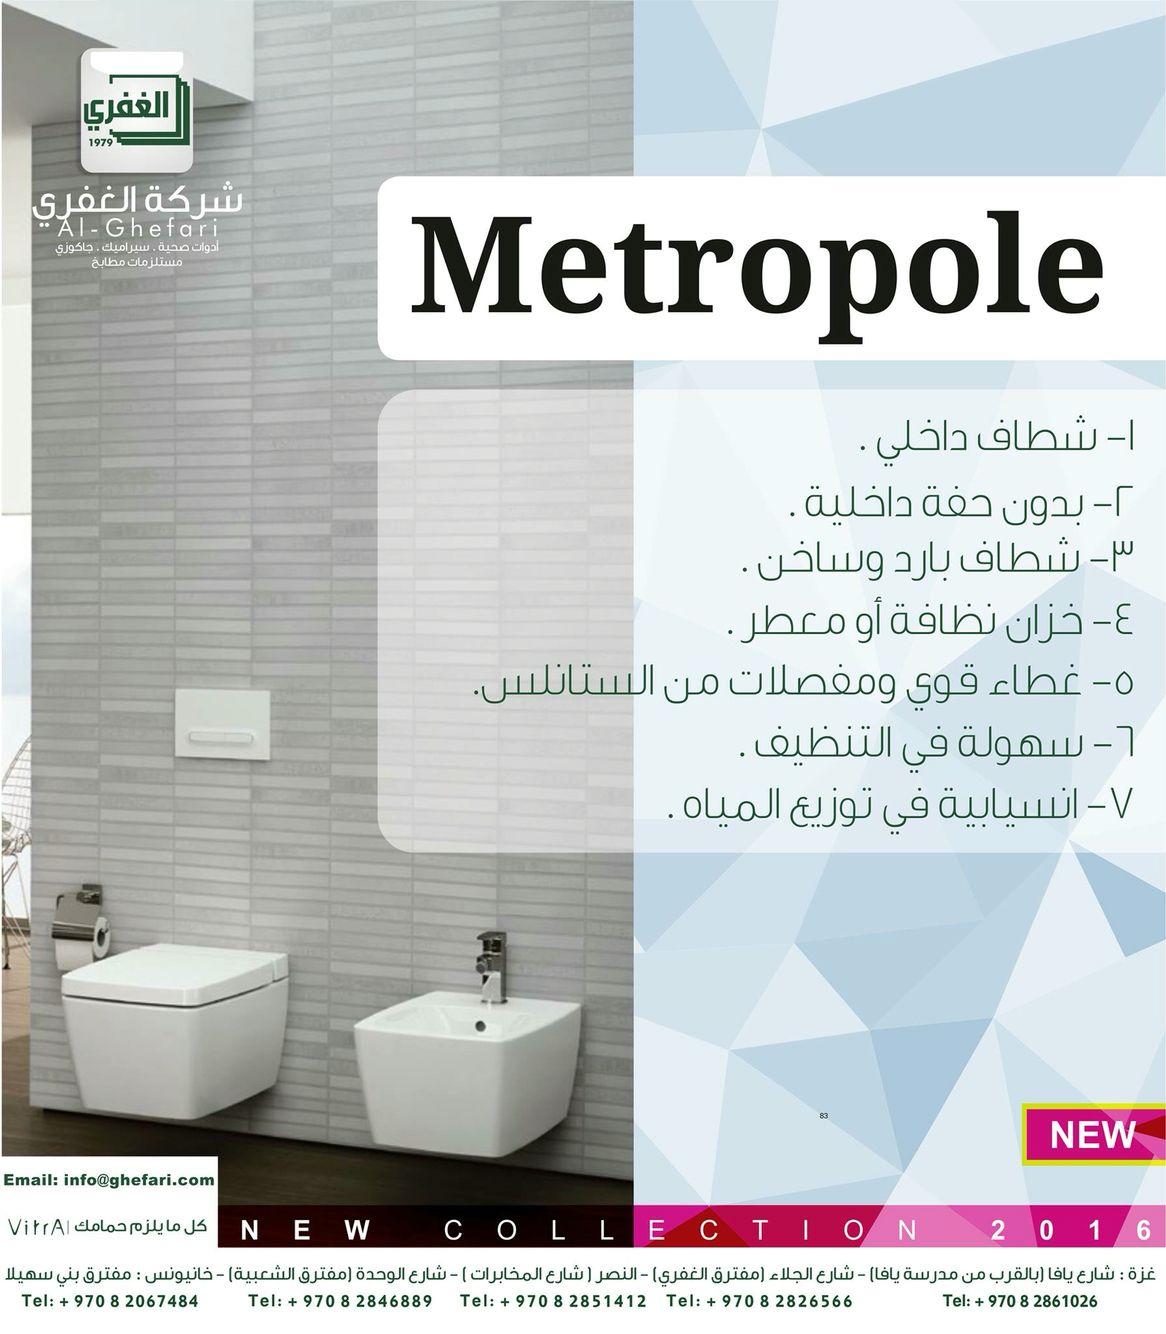 تصميم غير عادي من المراحيض لشركة فيترا المميزات سطح مضاد للجراثيم والبكتيريا سهل التنظيف حيث لا تمتص المواد Vitra Bathrooms Vitra Bathroom Design